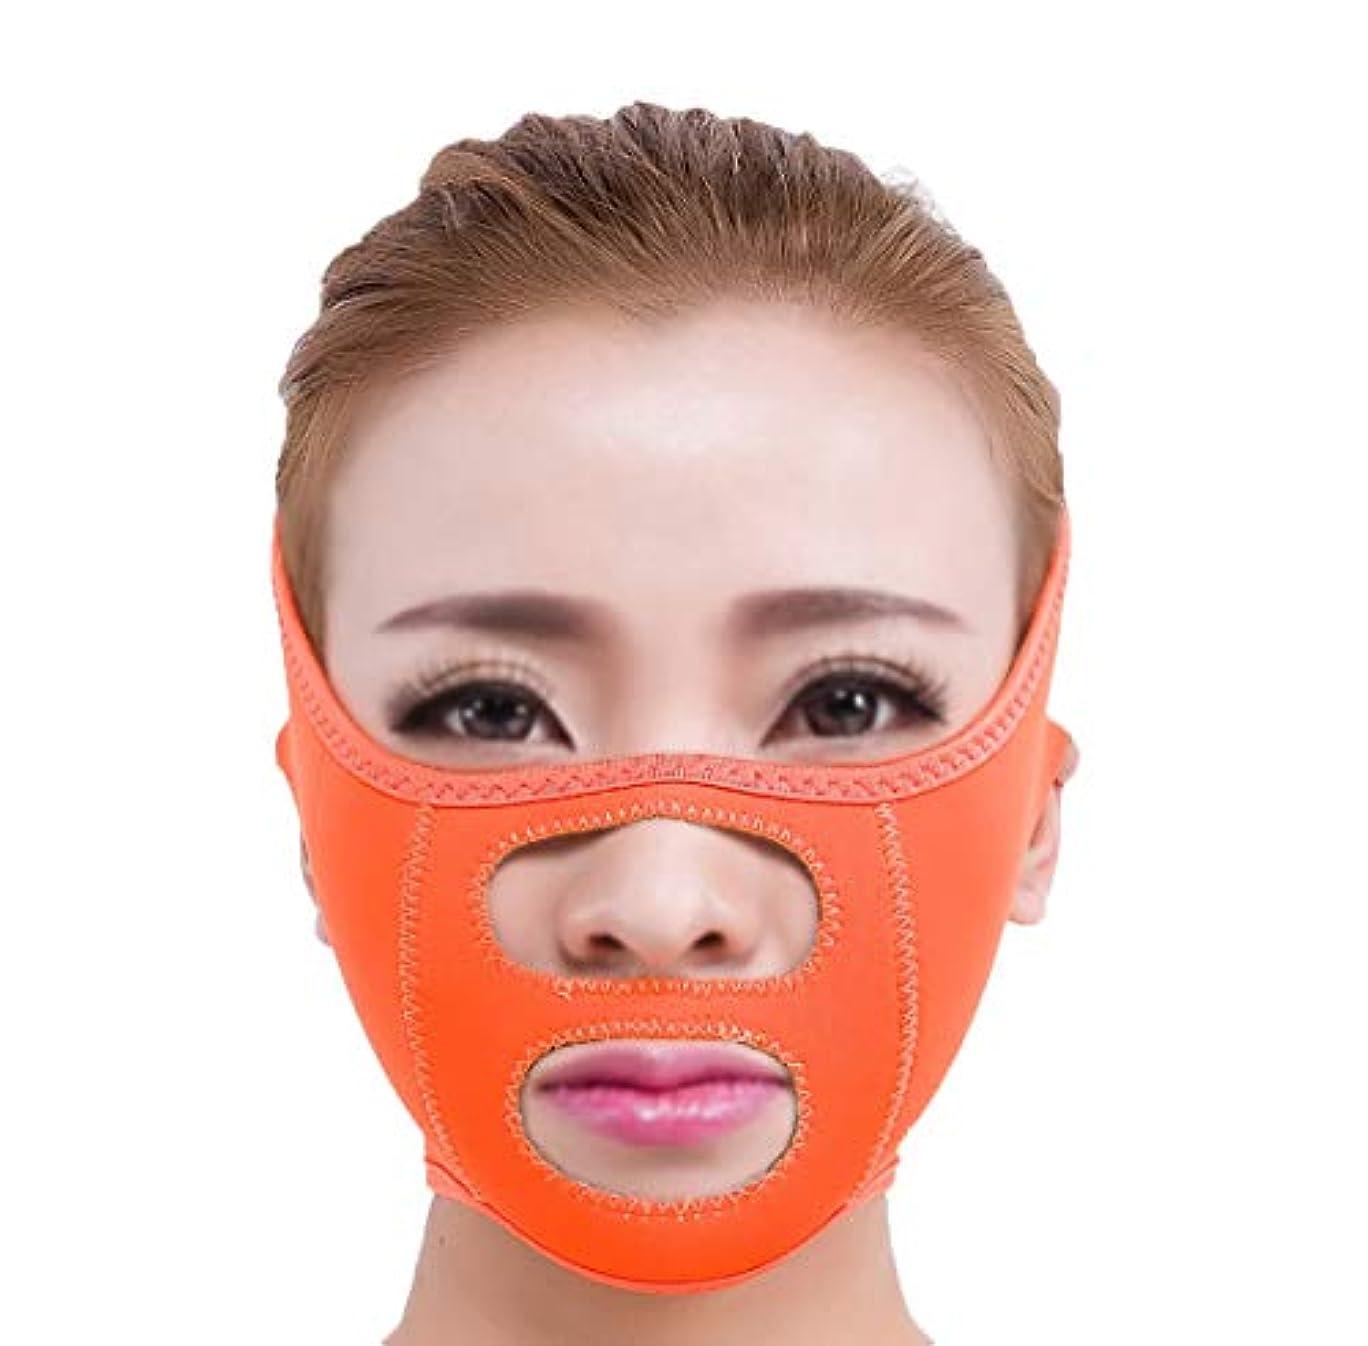 健全おなじみのGLJJQMY スリムベルトマスク薄い顔マスク睡眠薄い顔マスク薄い顔包帯薄い顔アーティファクト薄い顔薄い顔薄い顔小さいV顔睡眠薄い顔ベルト 顔用整形マスク (Color : Blue)